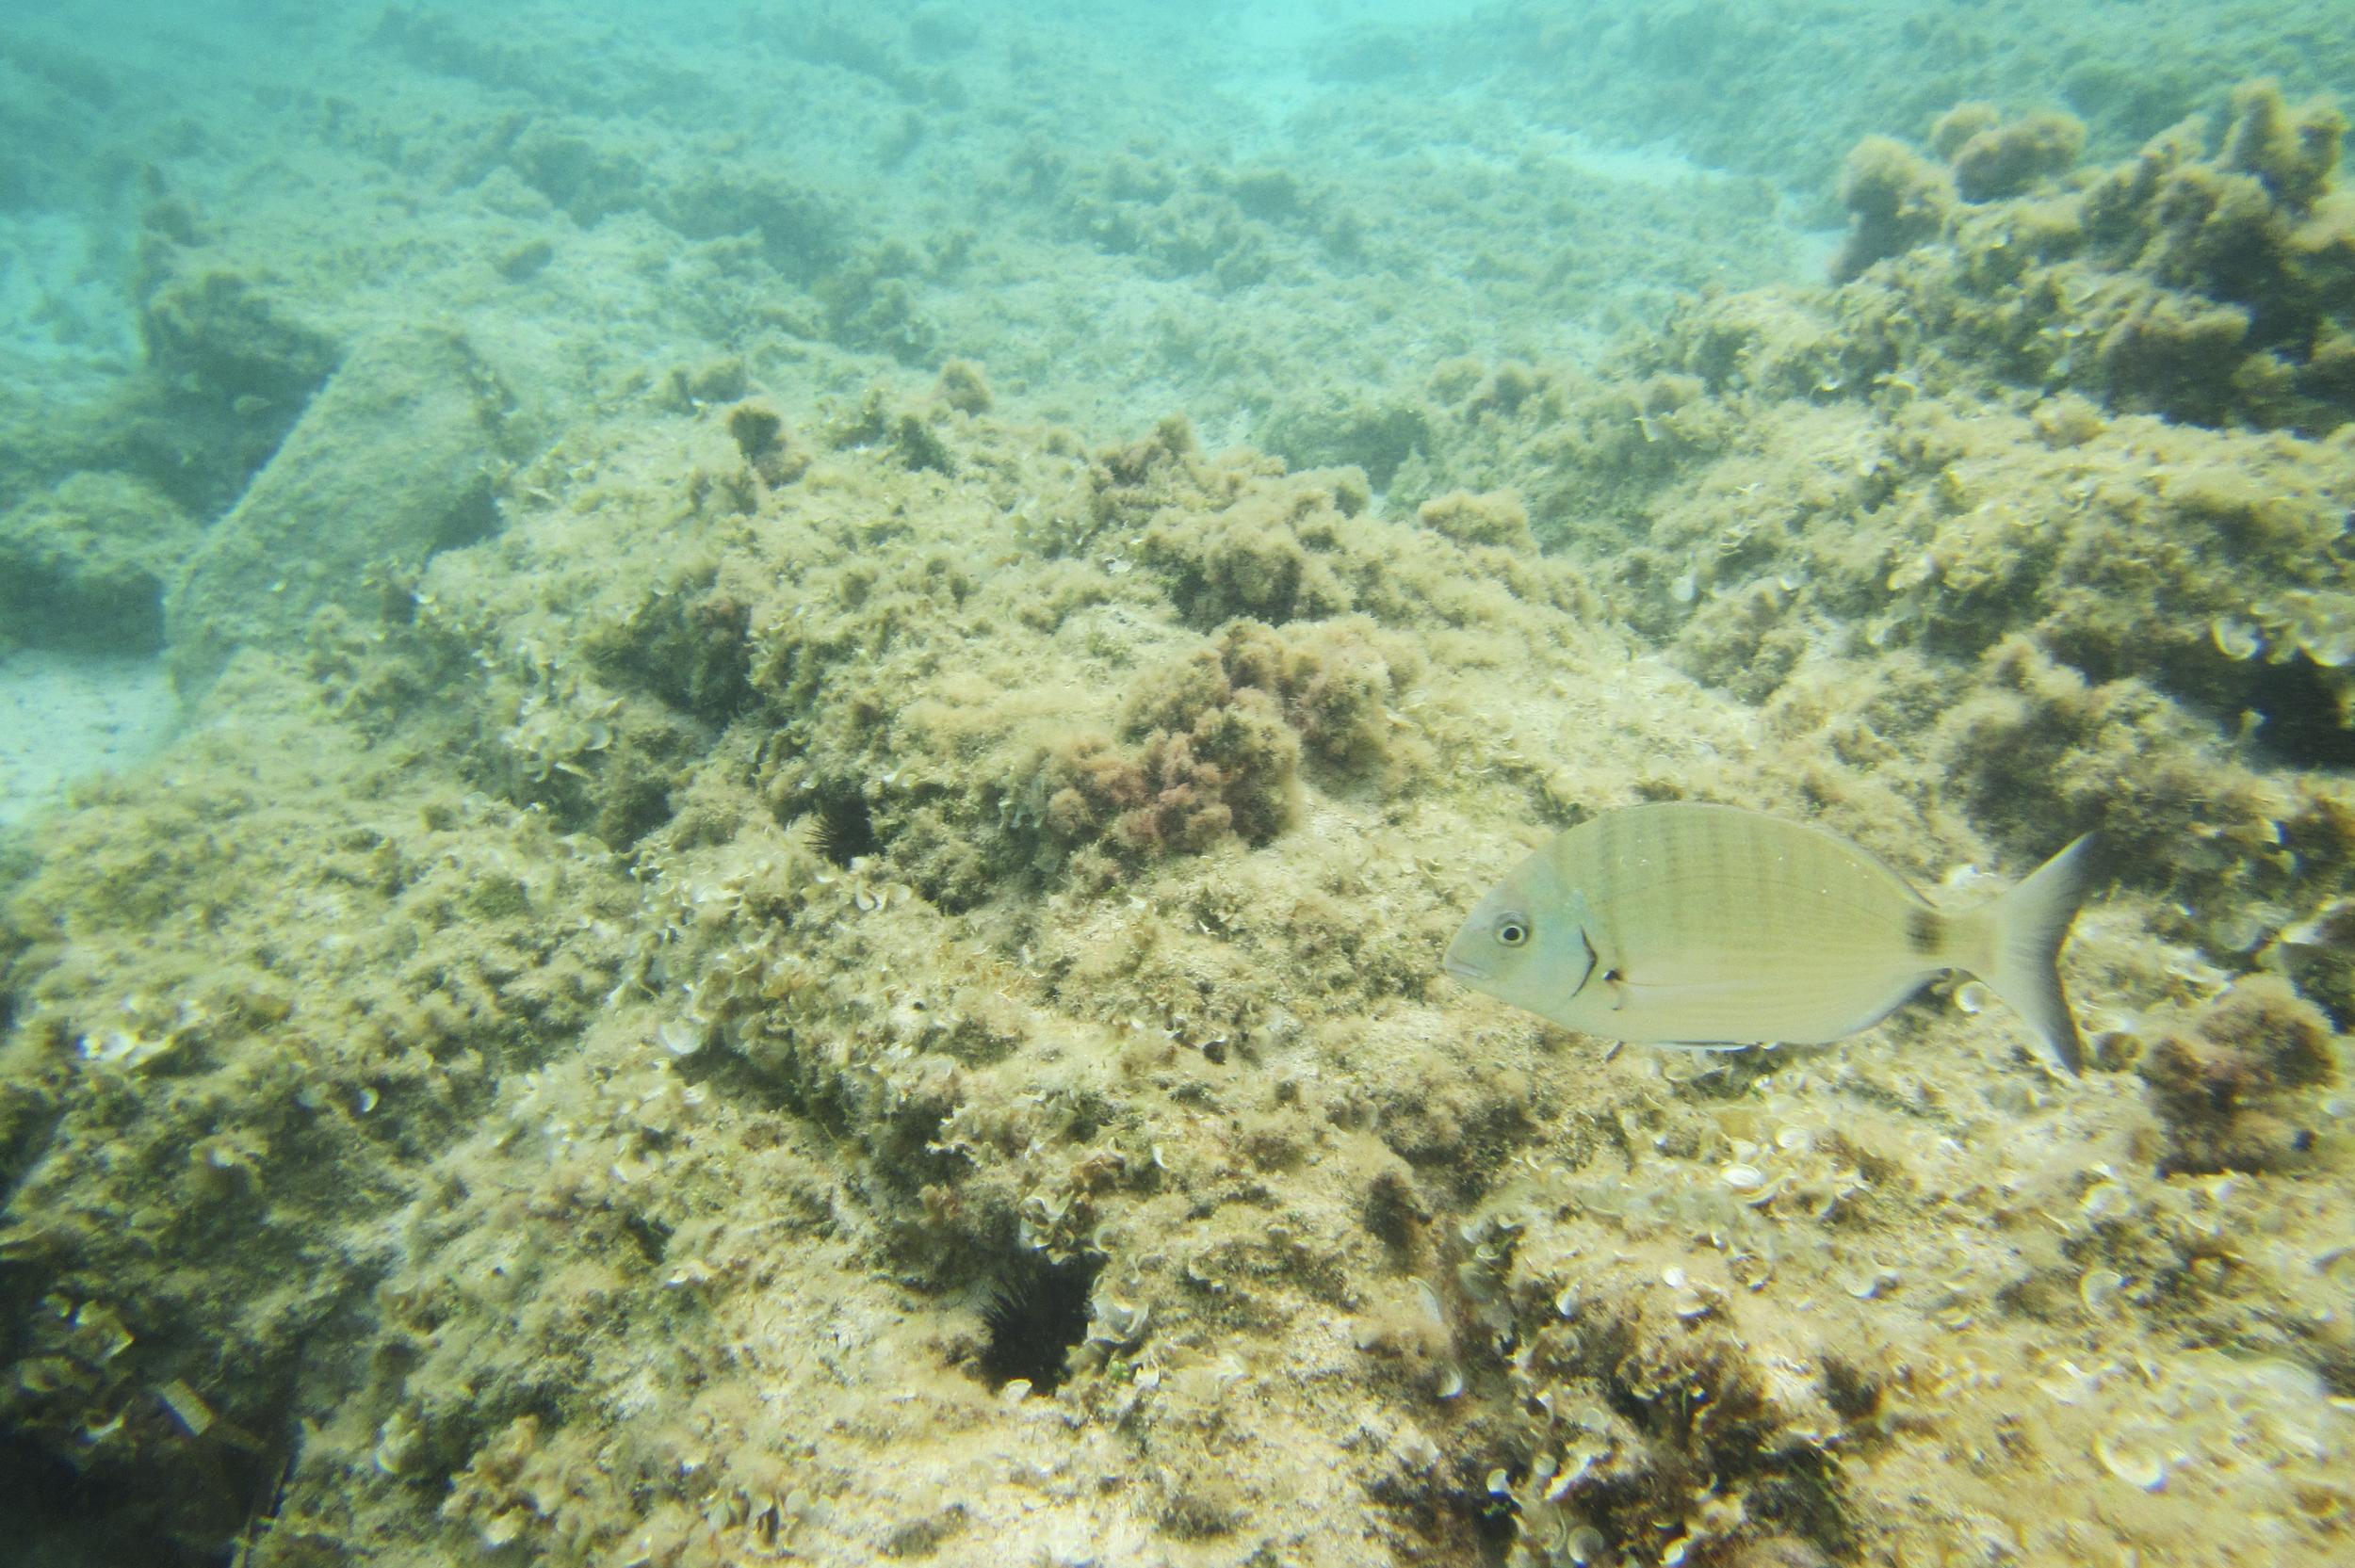 Porto Torres, settembre 2014. L'inquinamento marino provoca danni all'intero ecosistema acquatico e rientra nella catena alimentare dell'uomo attraverso il consumo di pesce.